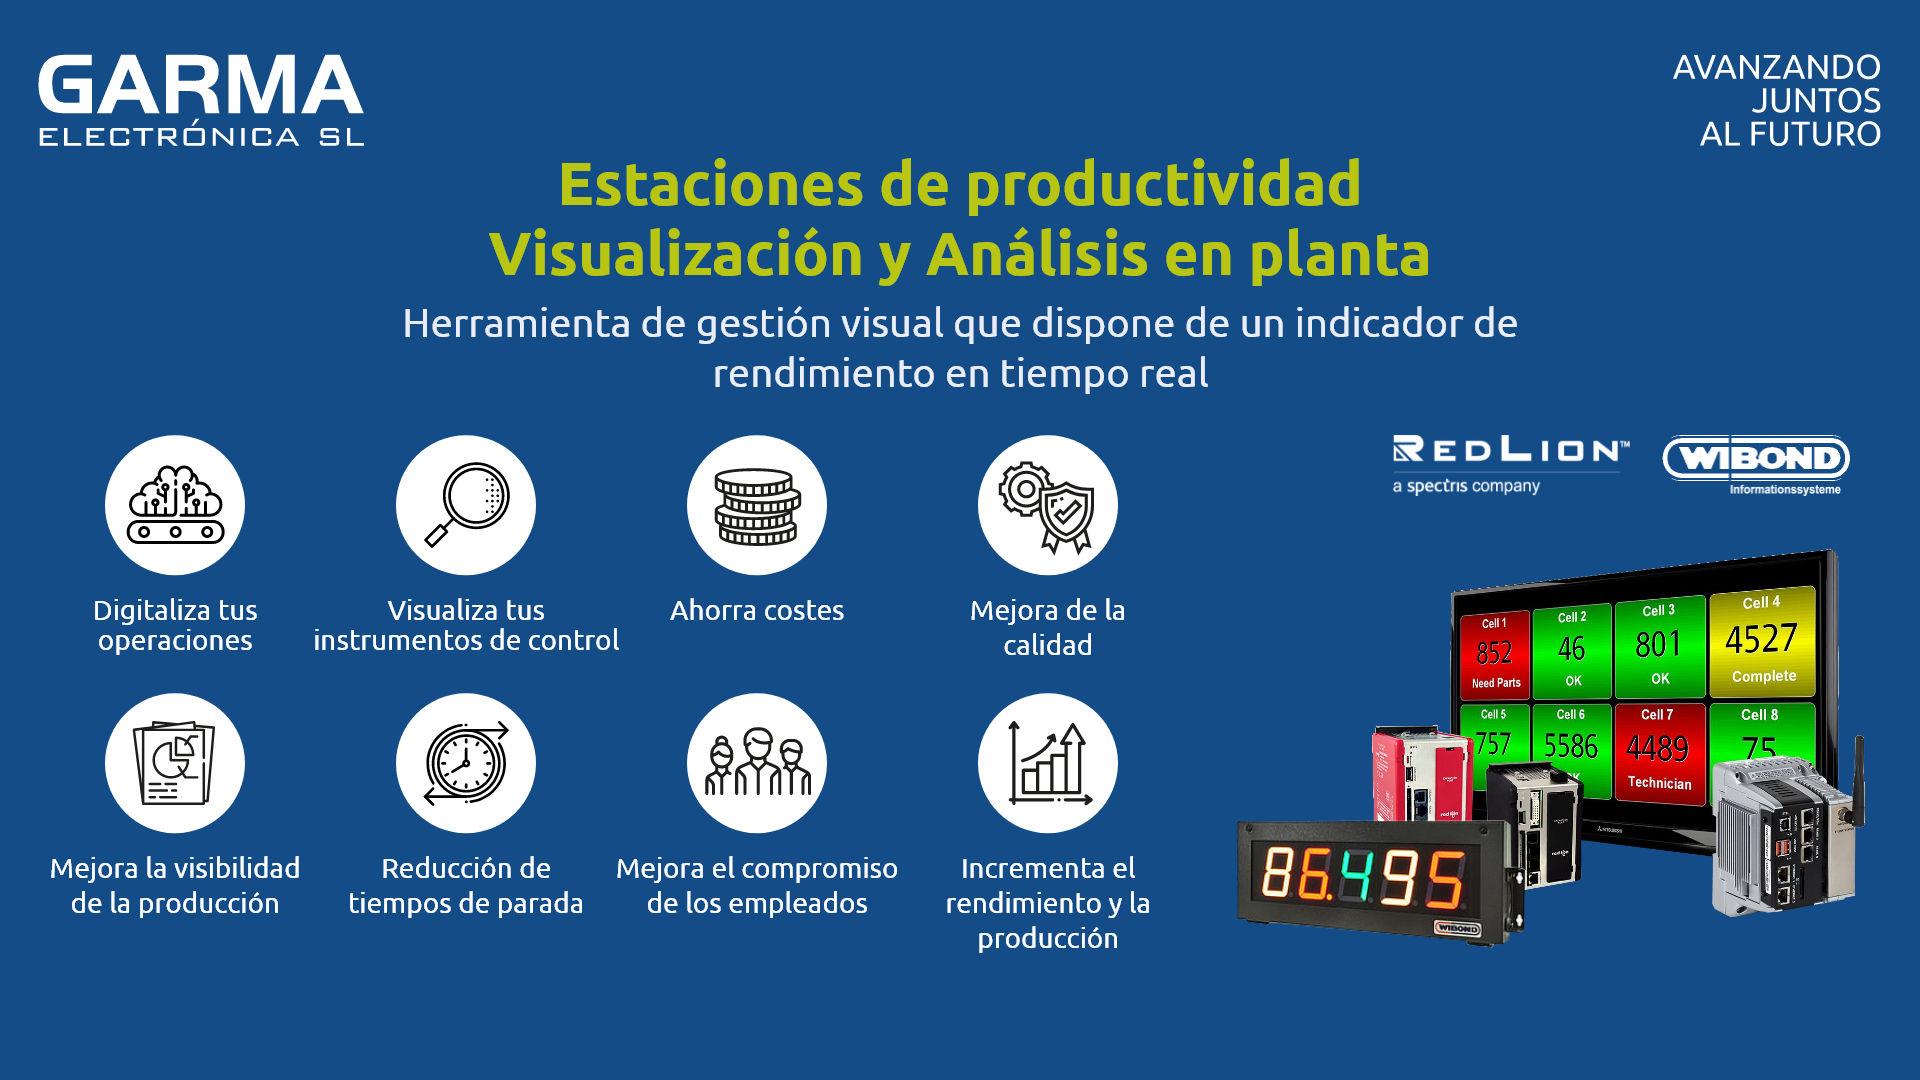 Estaciones de productividad Red Lion